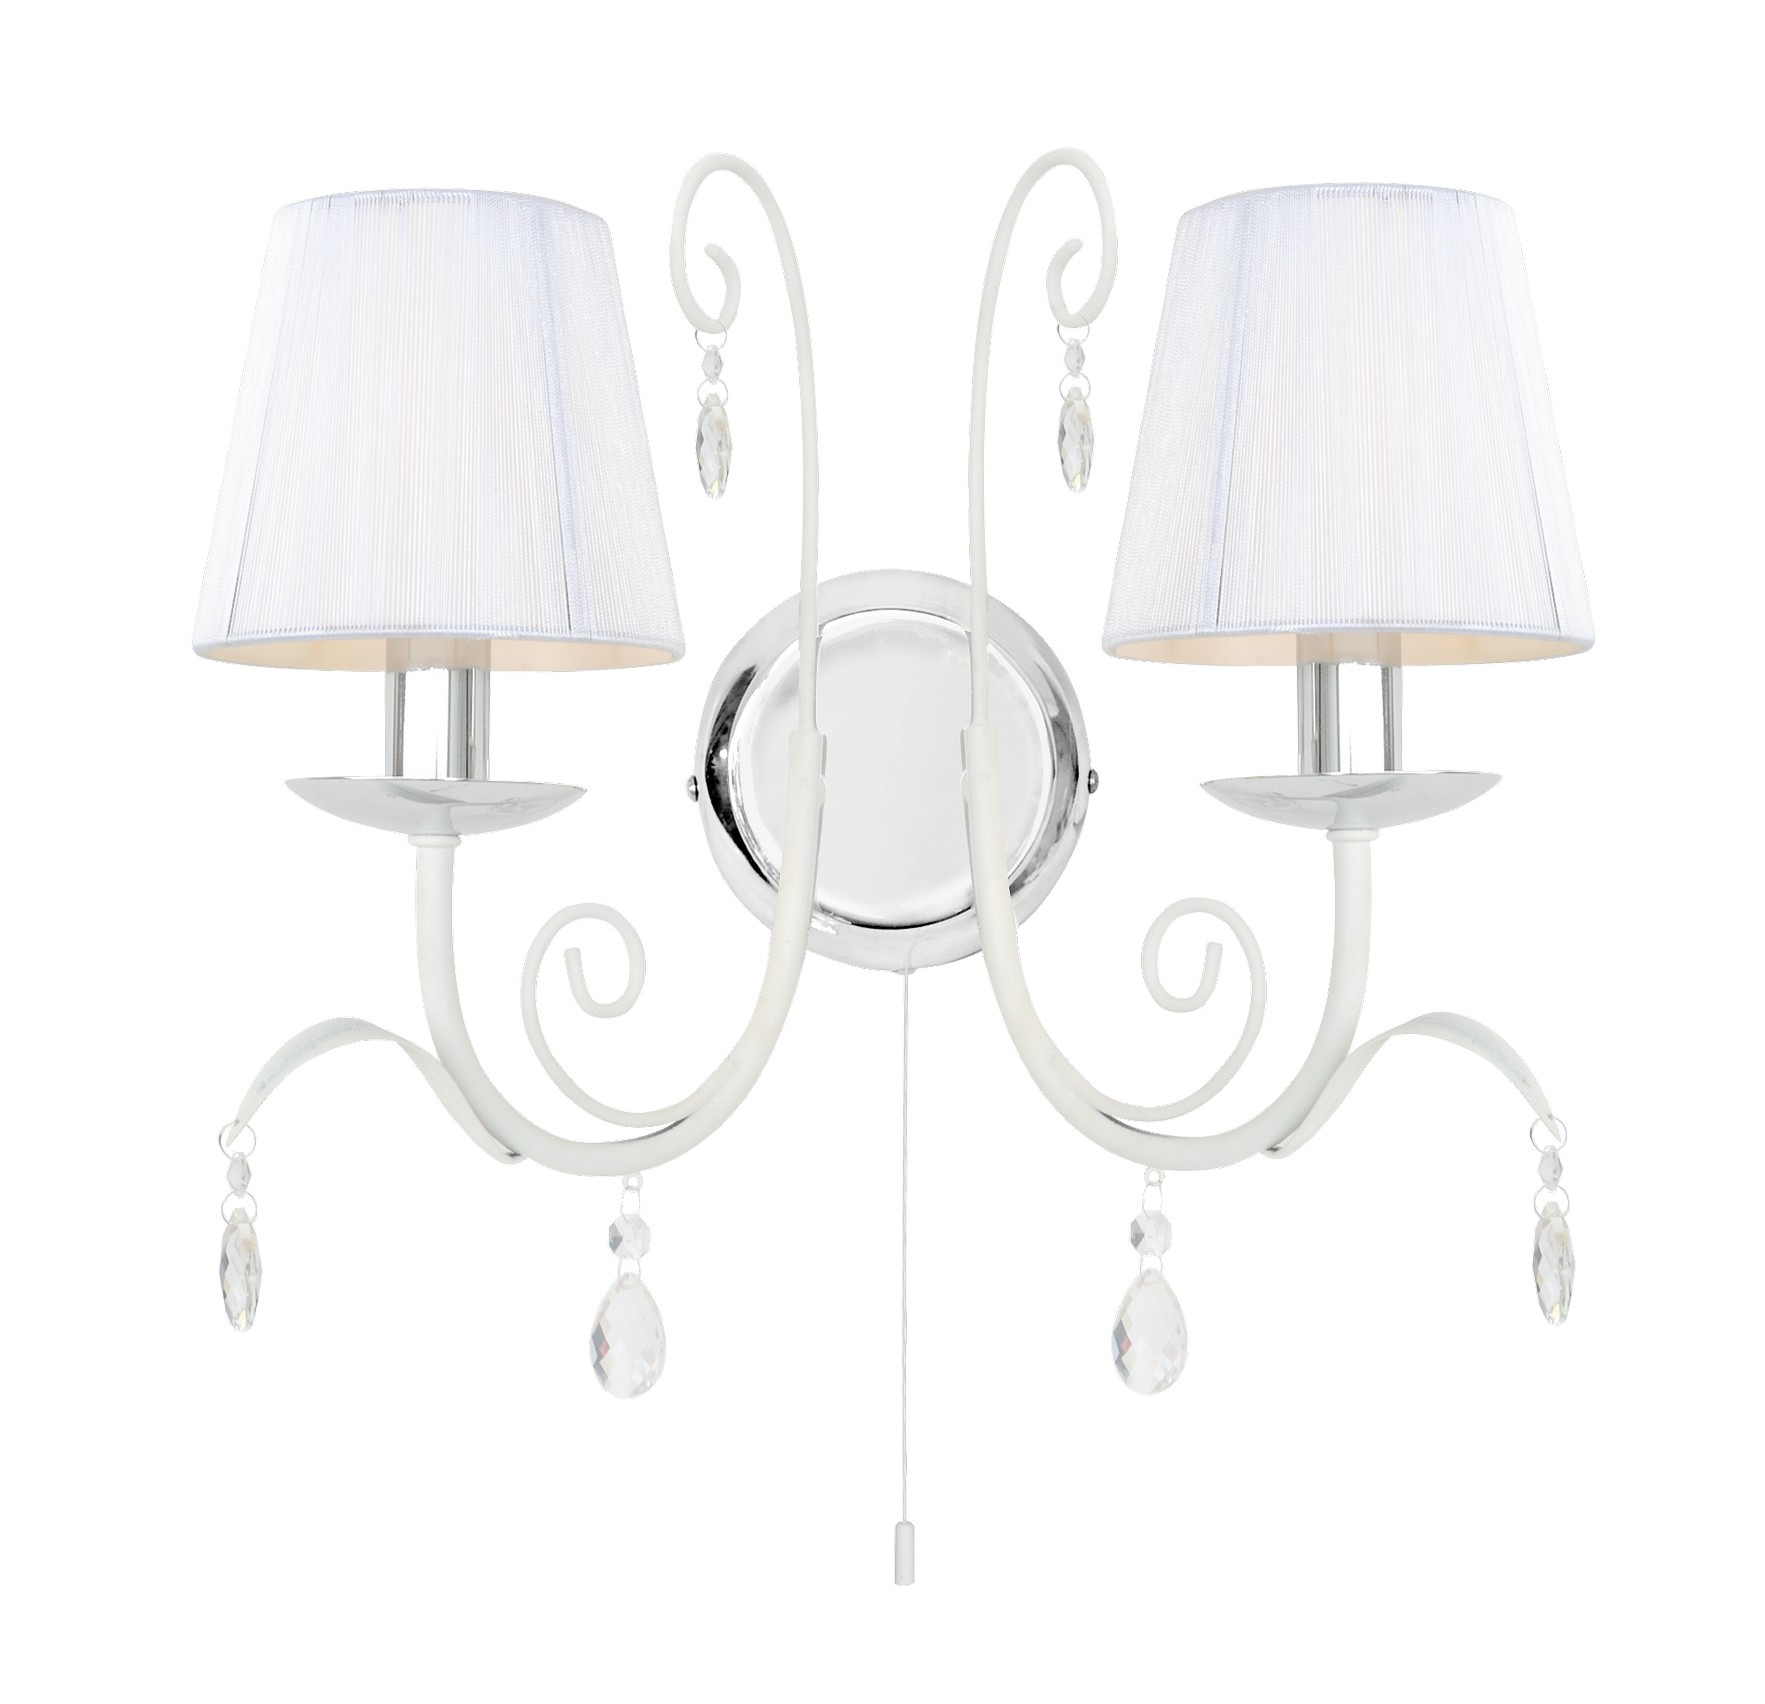 Бра Arte lamp Romana snow a1743ap-2wh мягкие кресла romana пуфик макака